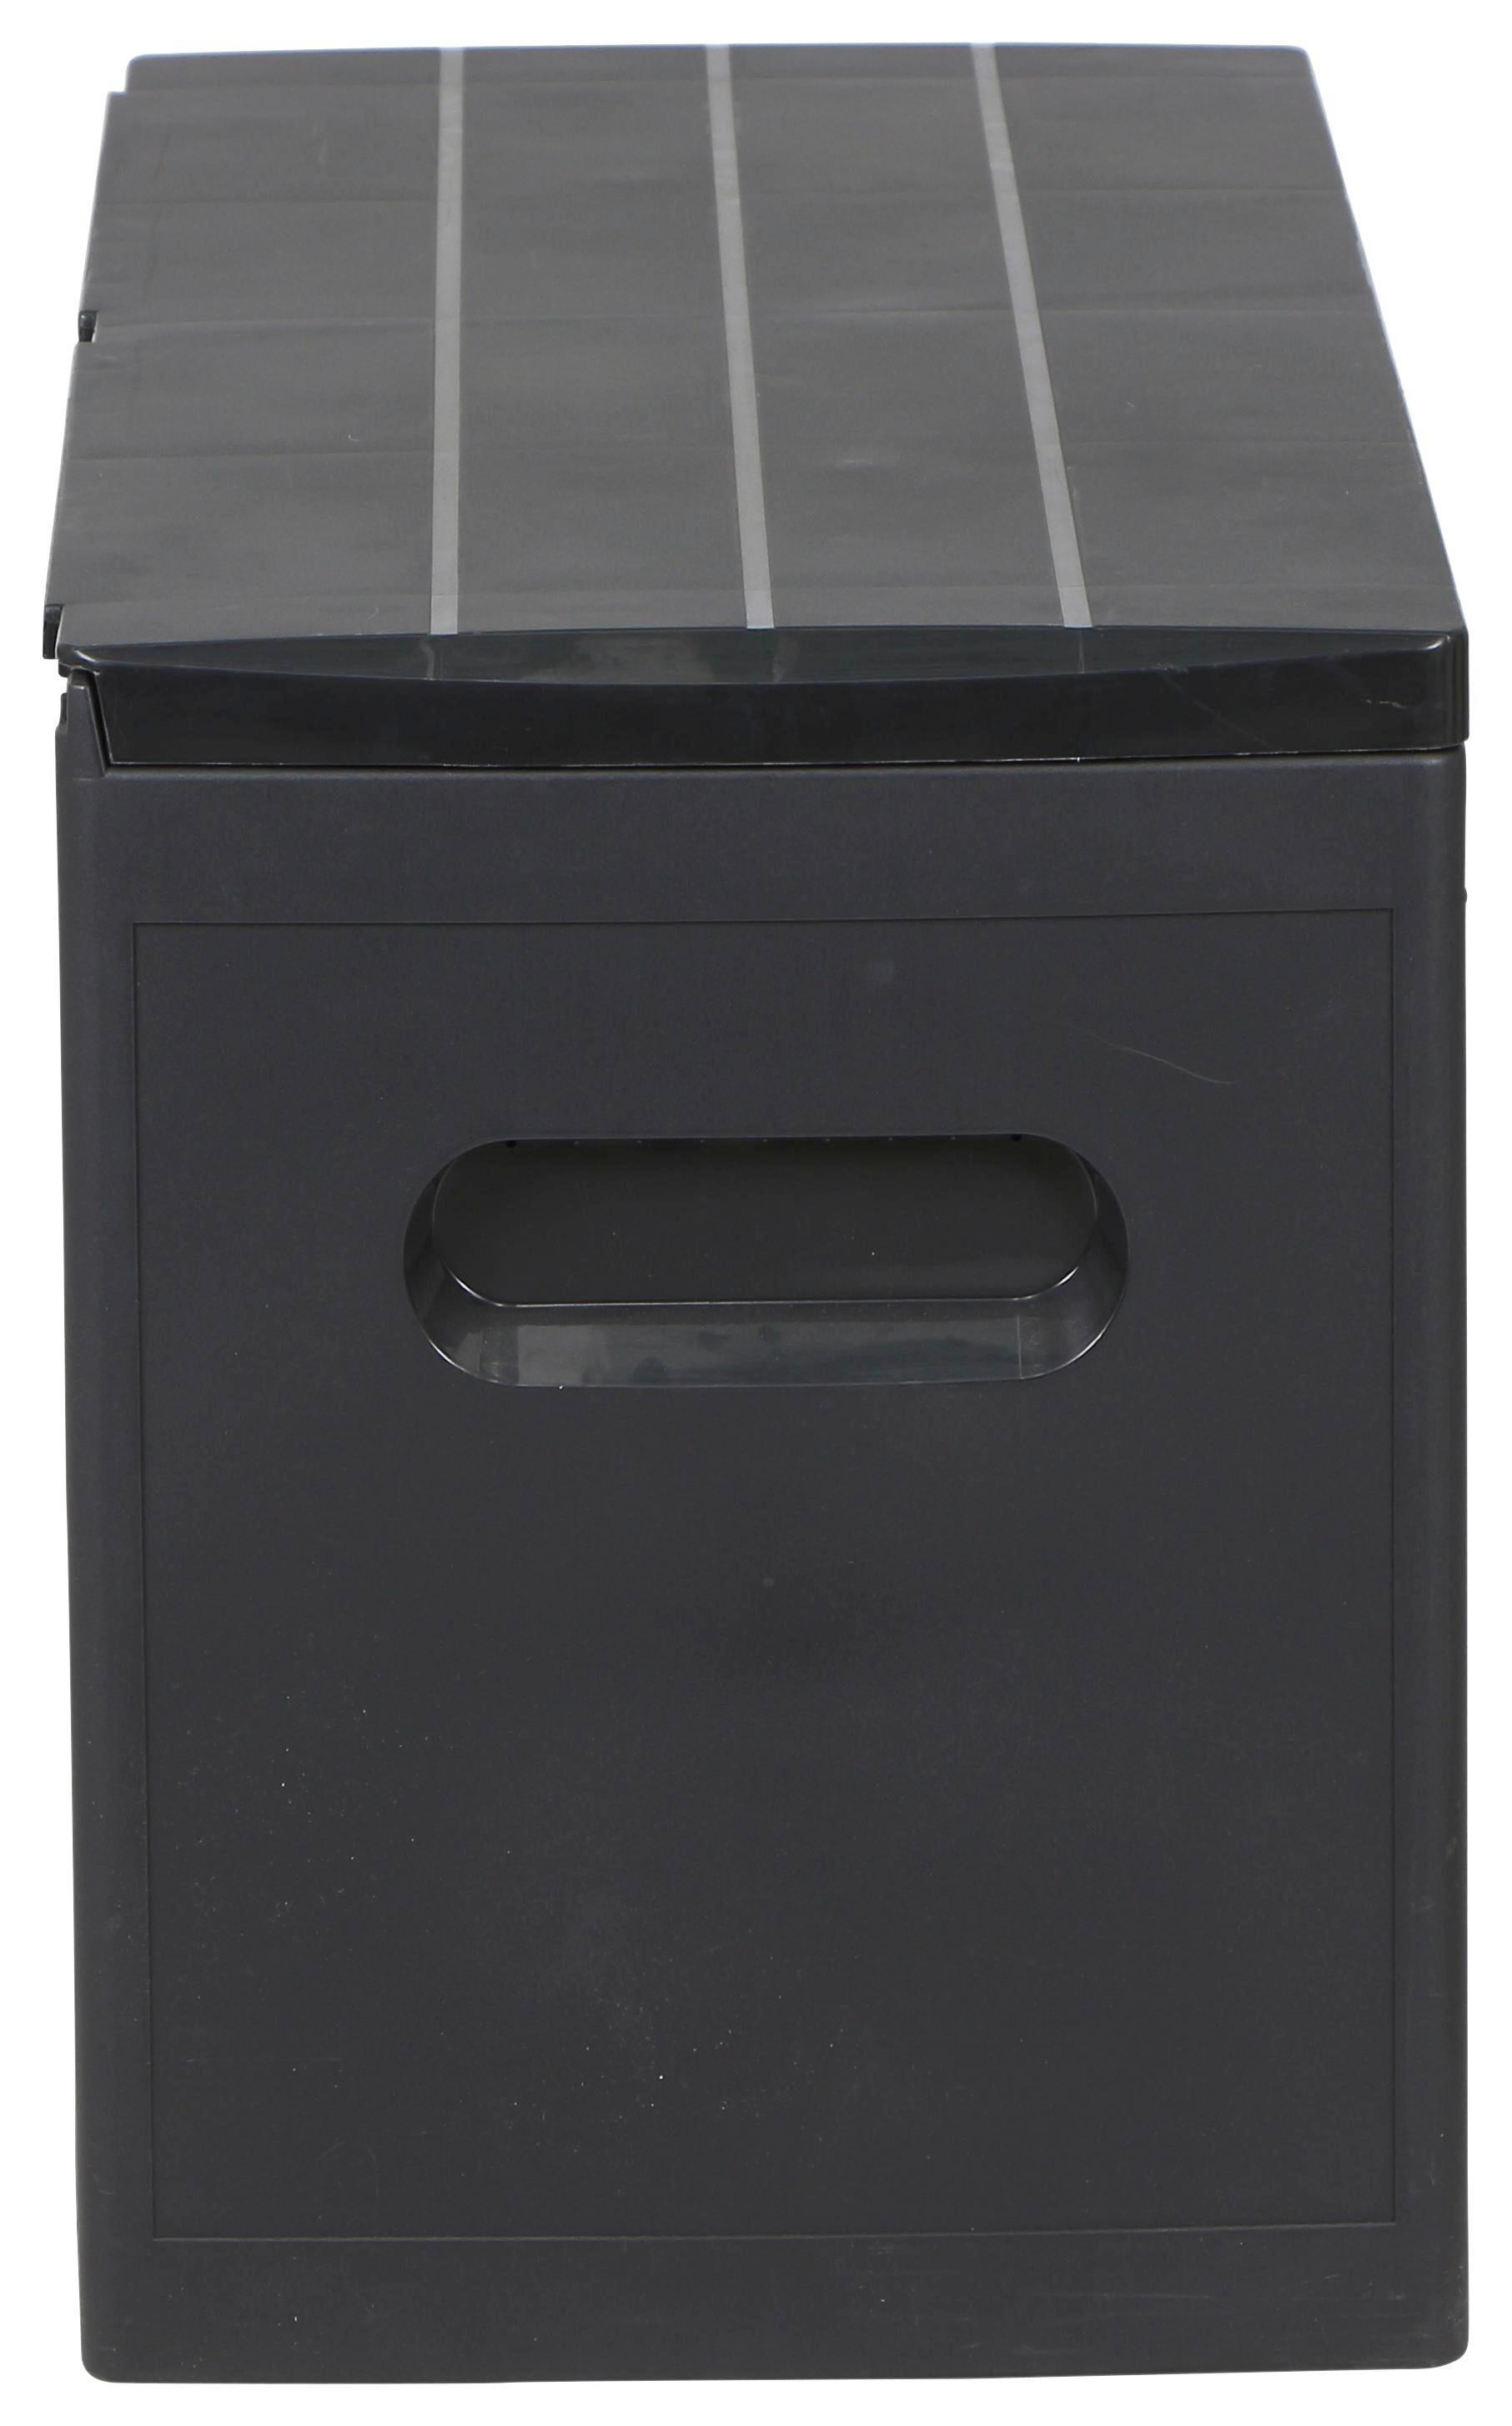 Kissenboxen Gartenboxen Auflagenboxen Kaufen Xxxlutz